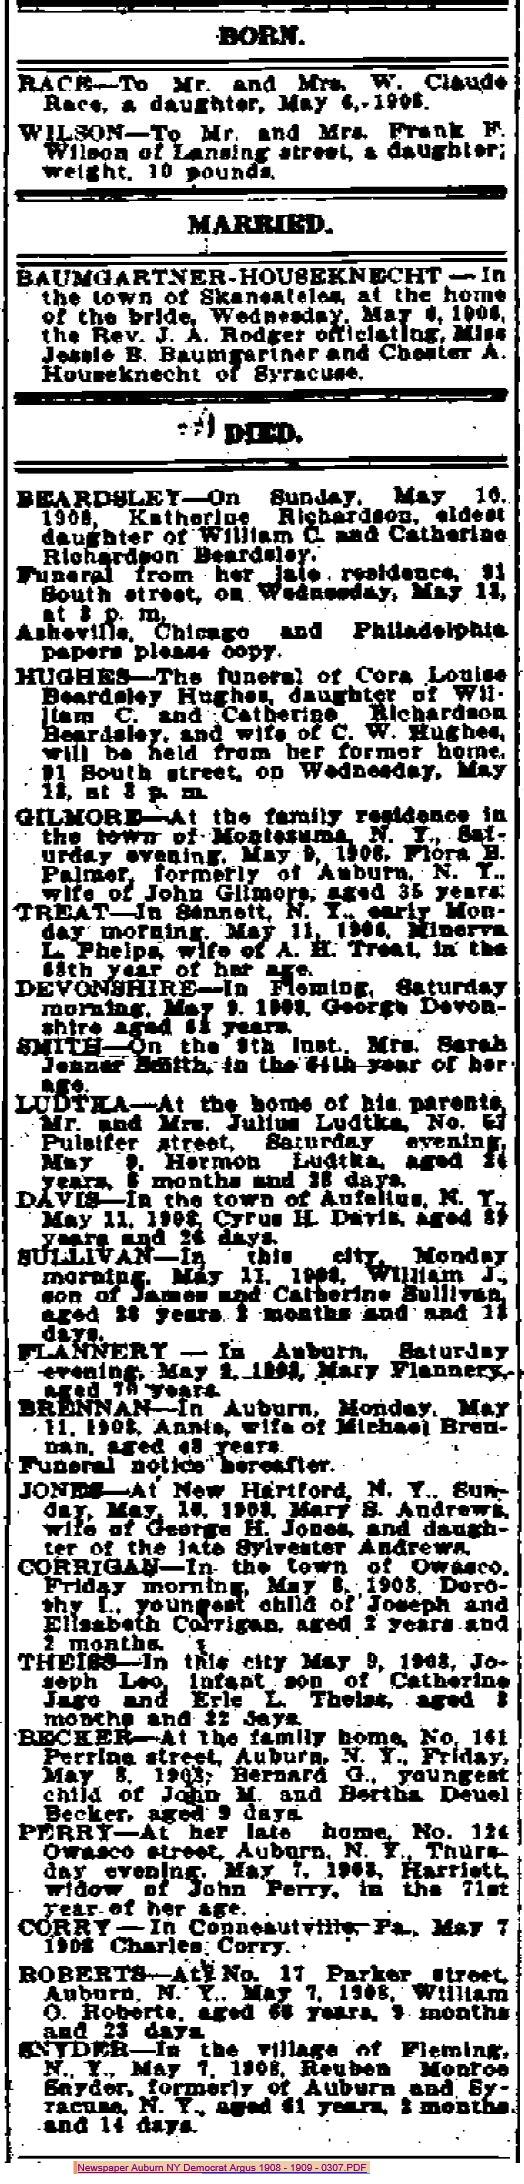 1908-May 6